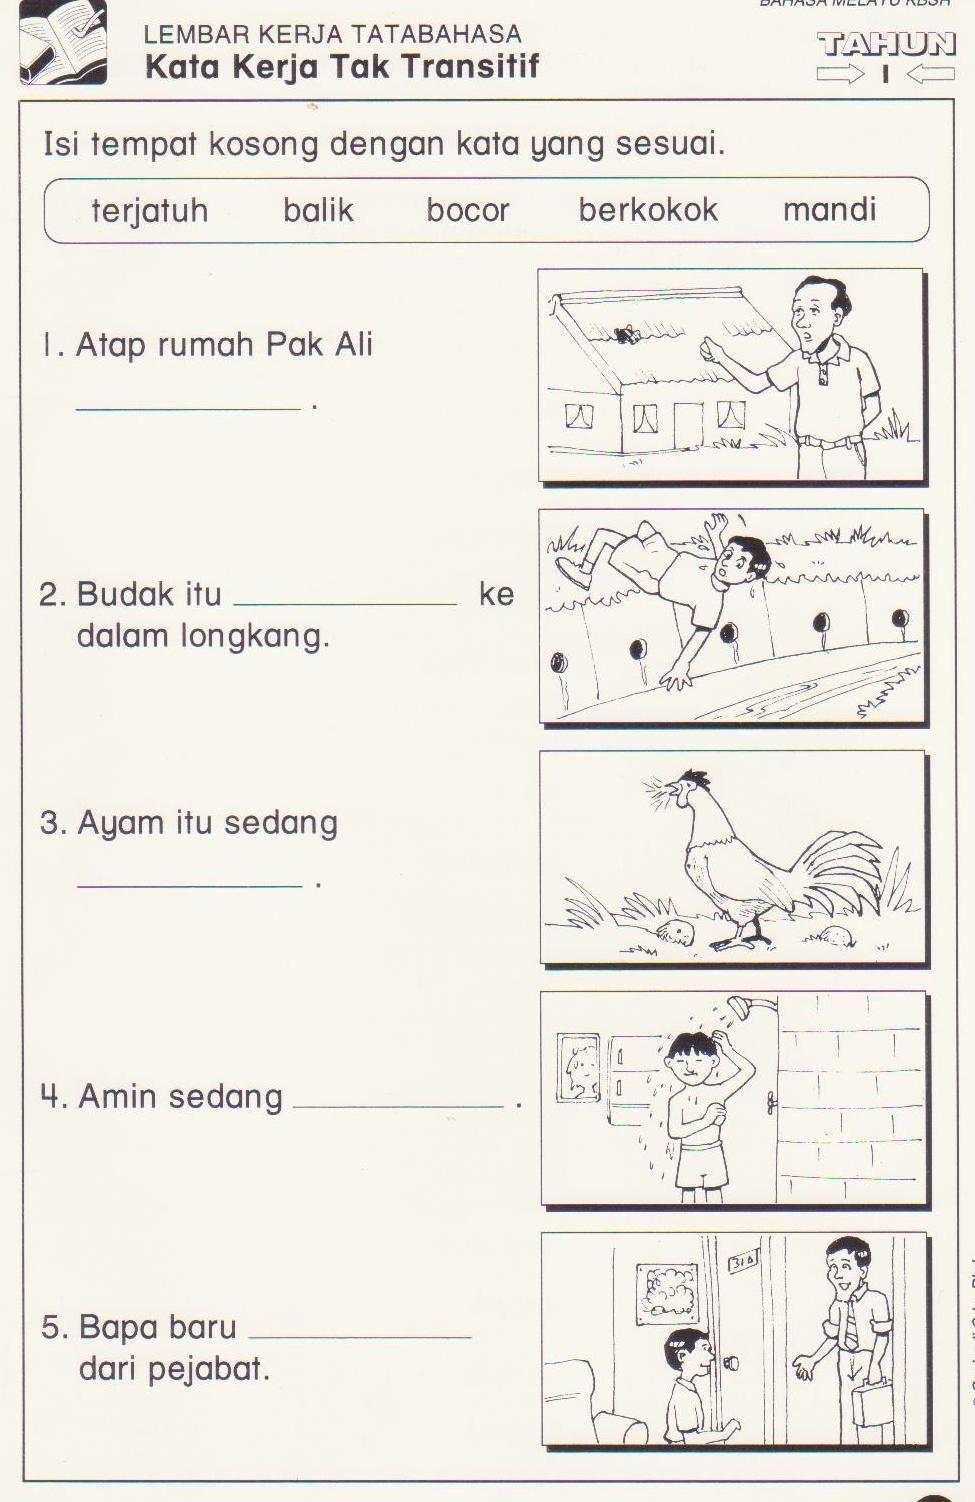 Image result for latihan kata kerja tahun 1 Tatabahasa